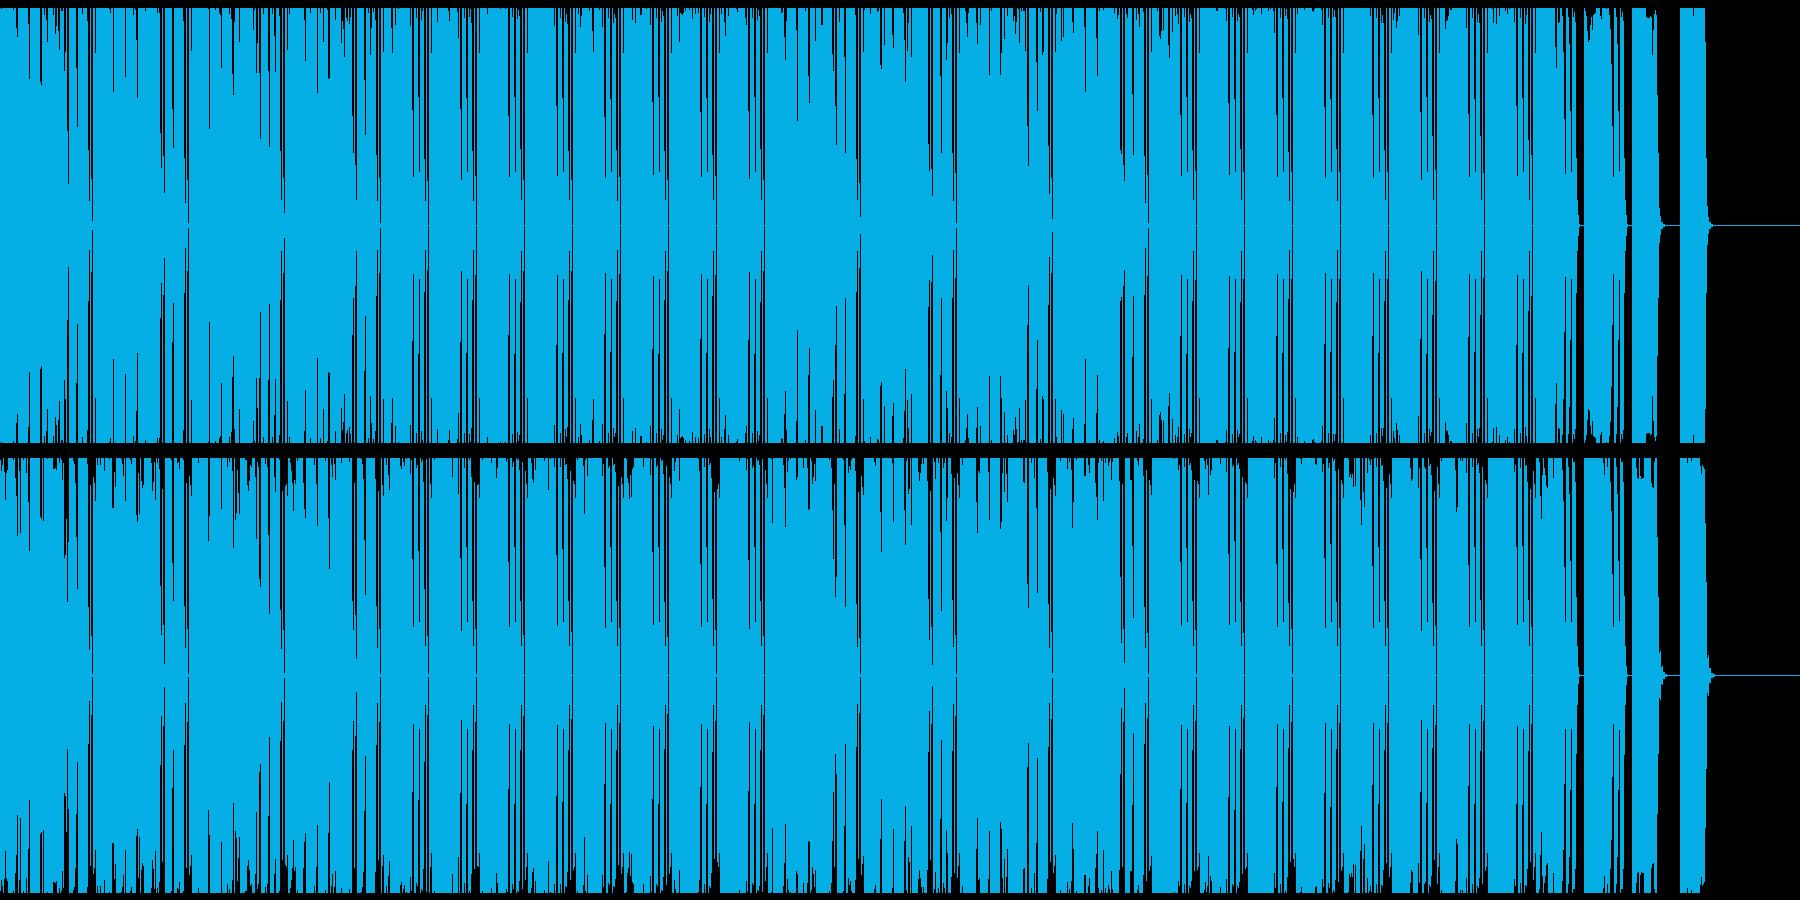 不思議な謎を解いている時に流れてそうな曲の再生済みの波形